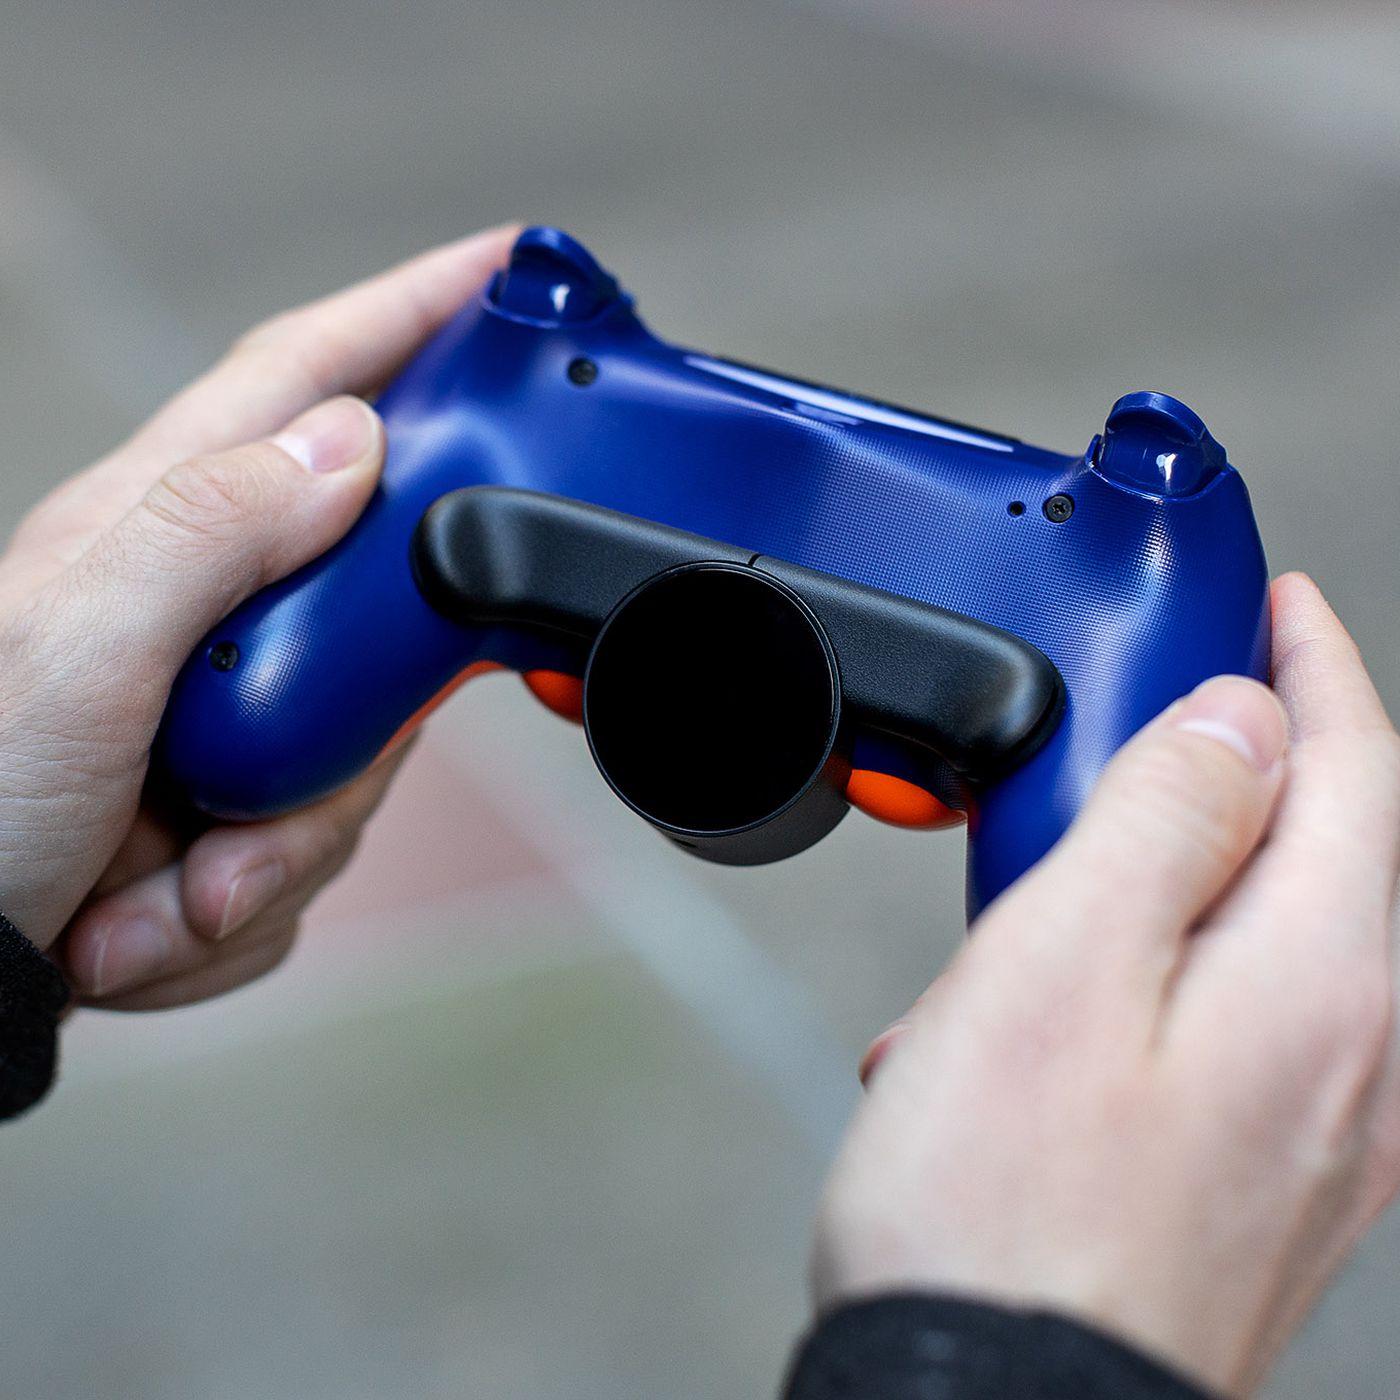 New 8 way joystick Lowest price!!!